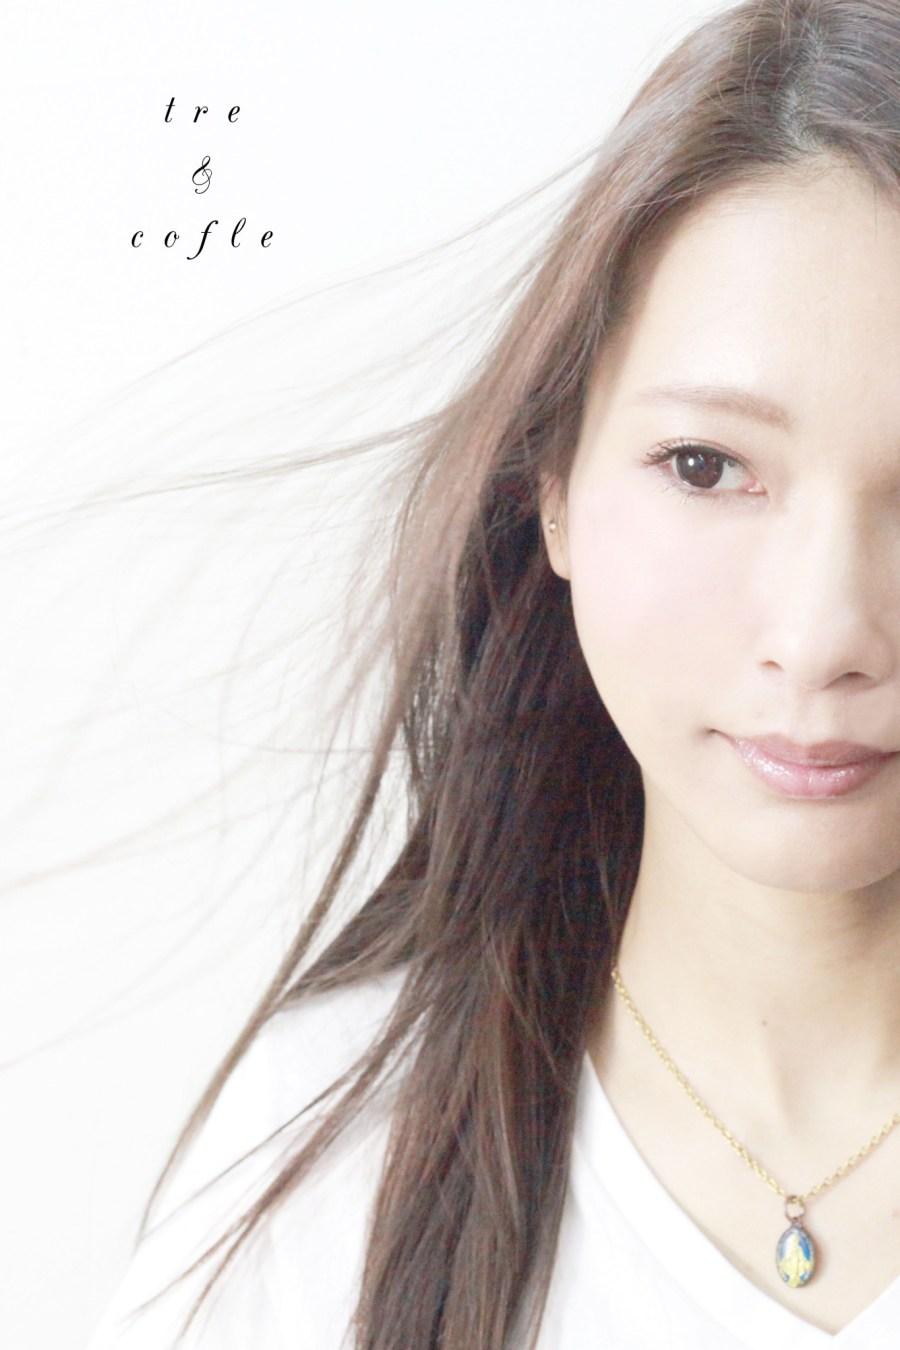 柳川 大川 みやま 八女 美容室 ストレートパーマ 宿毛矯正 ストパー スタイル写真